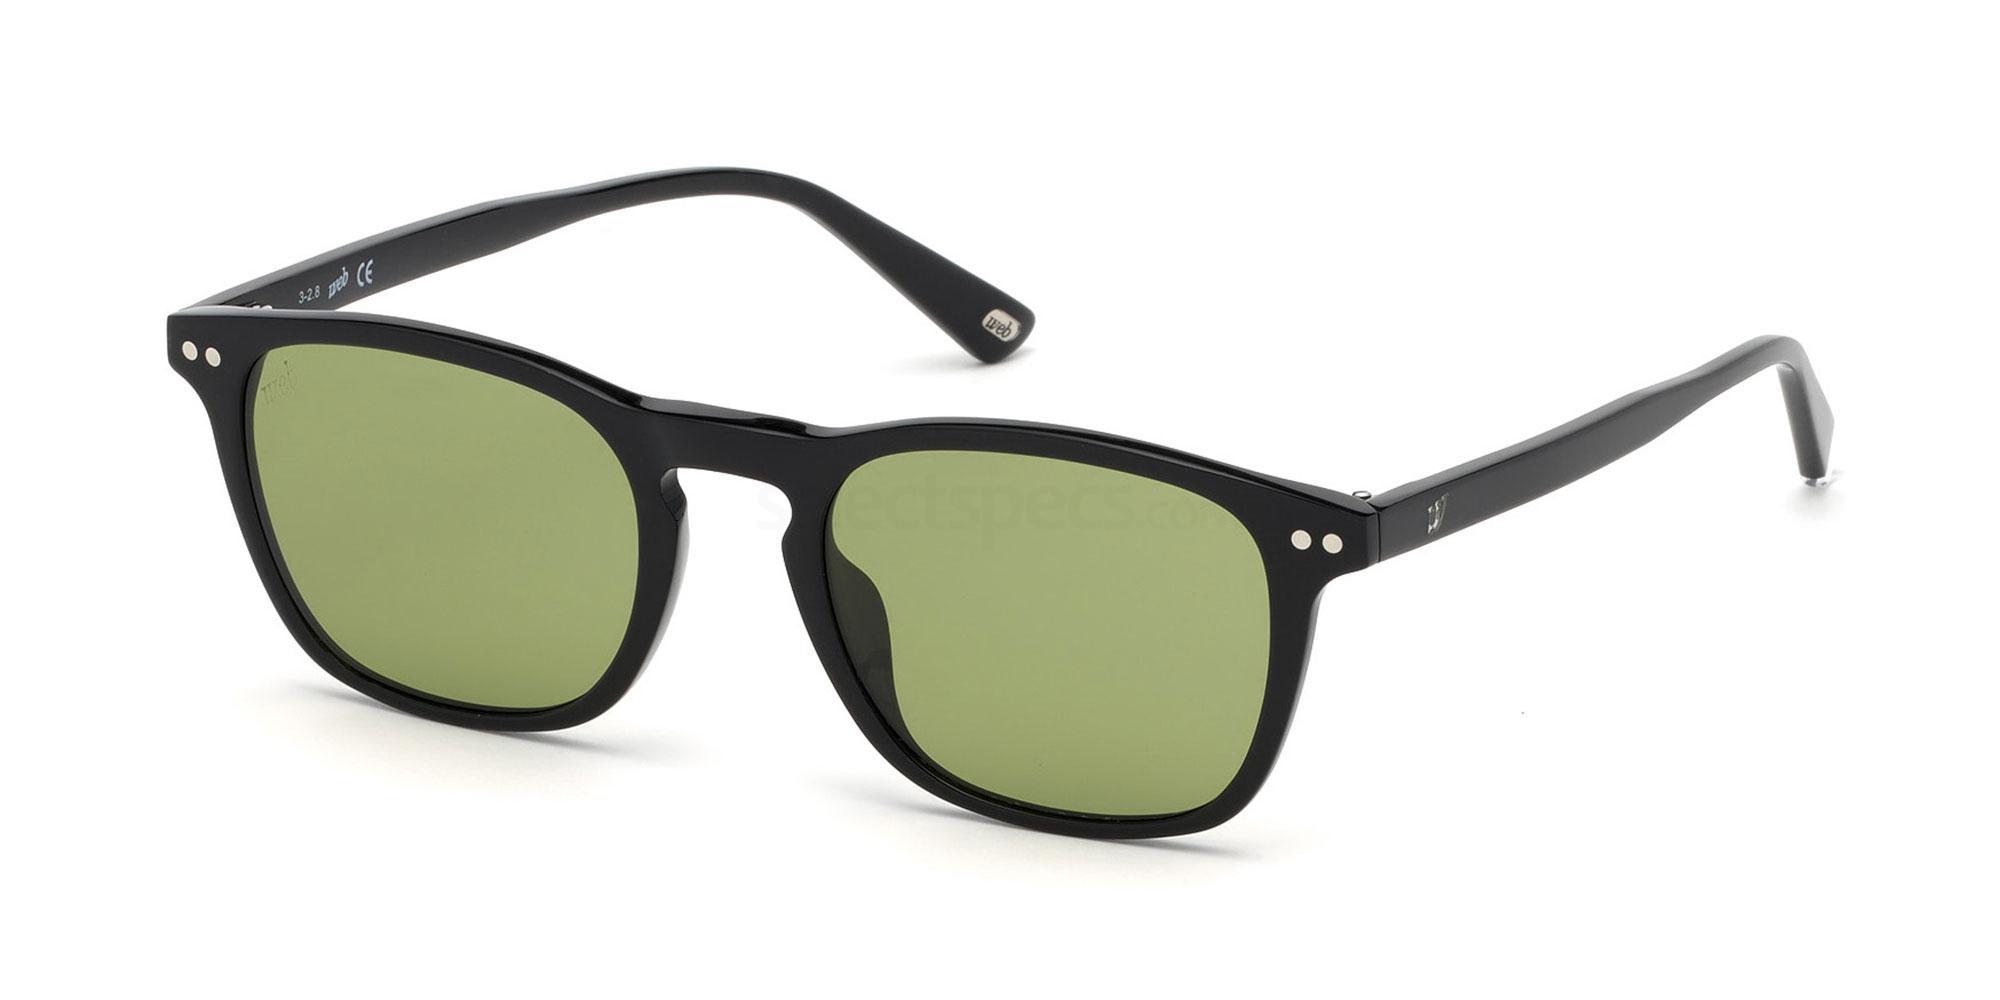 01N WE0265 Sunglasses, Web